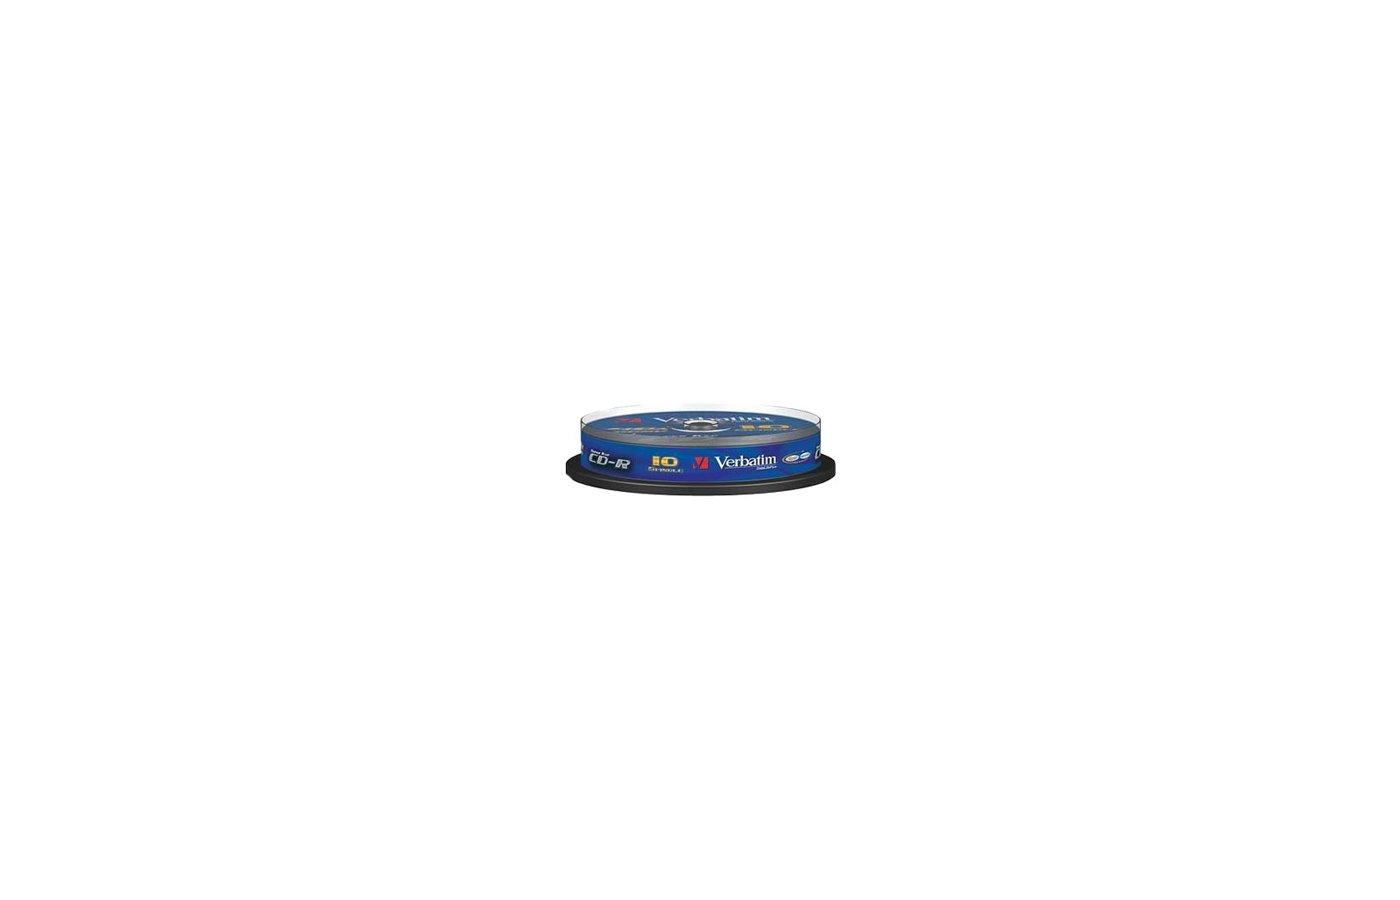 CD-диск Диск CD-R 700Mb Verbatim 52x DataLife Slim 43347 (за 1 диск)